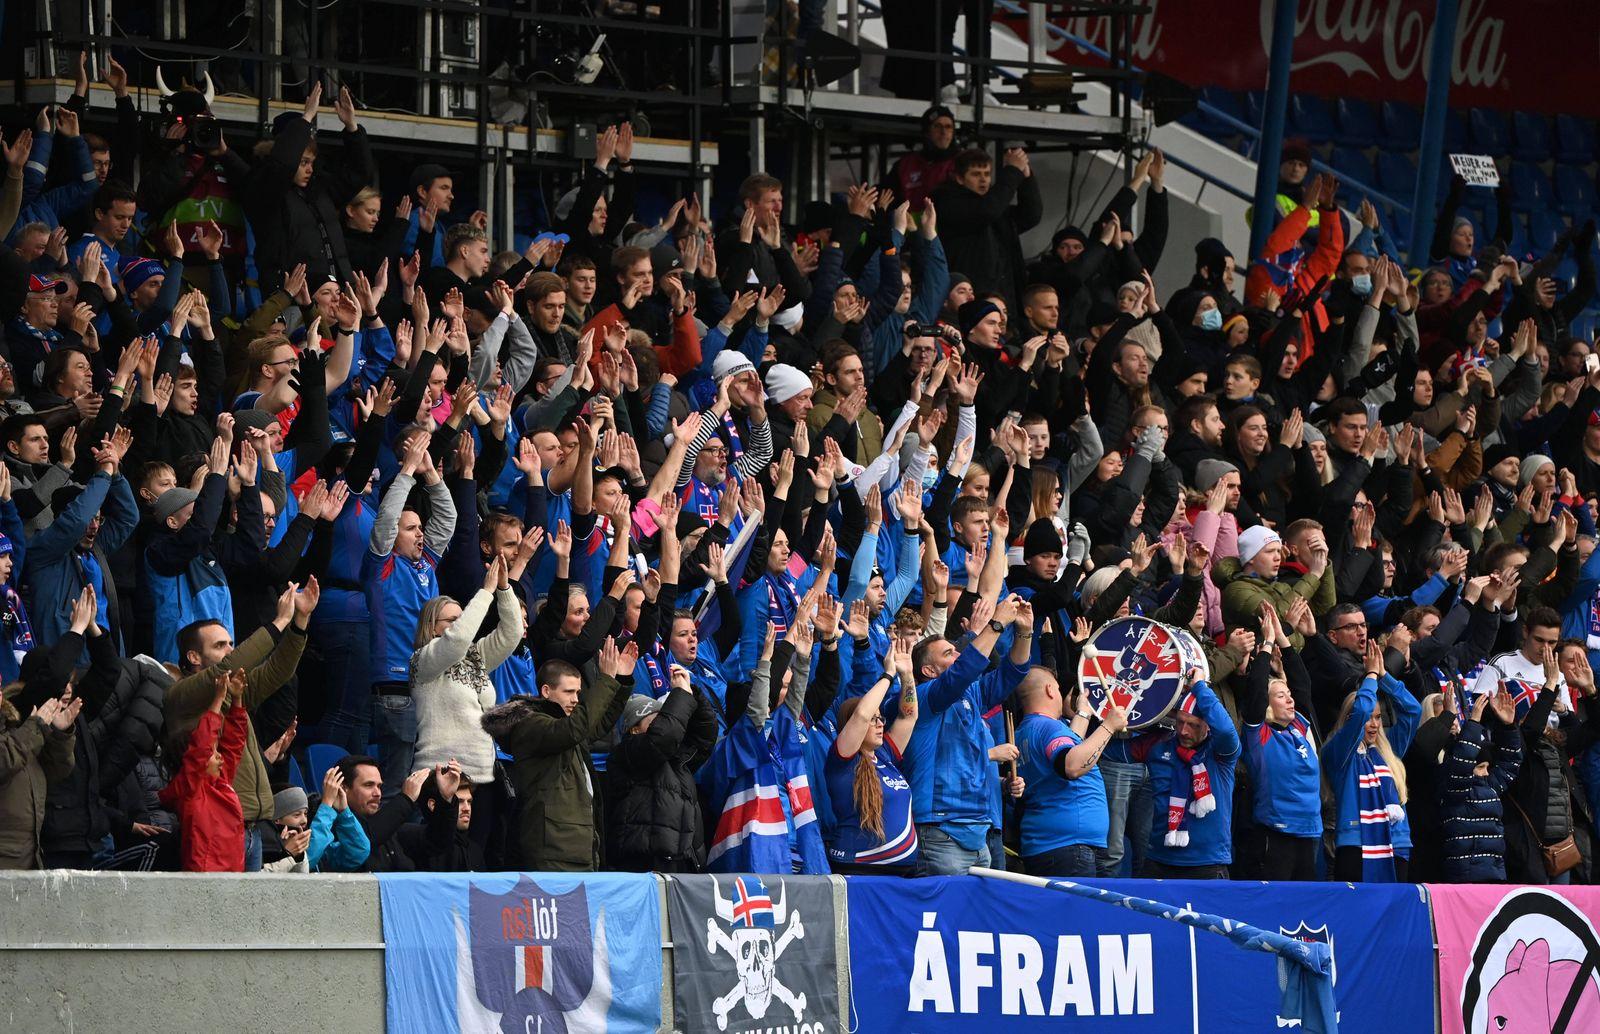 Fussball, Herren, Saison 2020/21, WM-Qualifikation (Gruppe J, 6. Spieltag) in Reykjavik, Island - Deutschland, Fans von